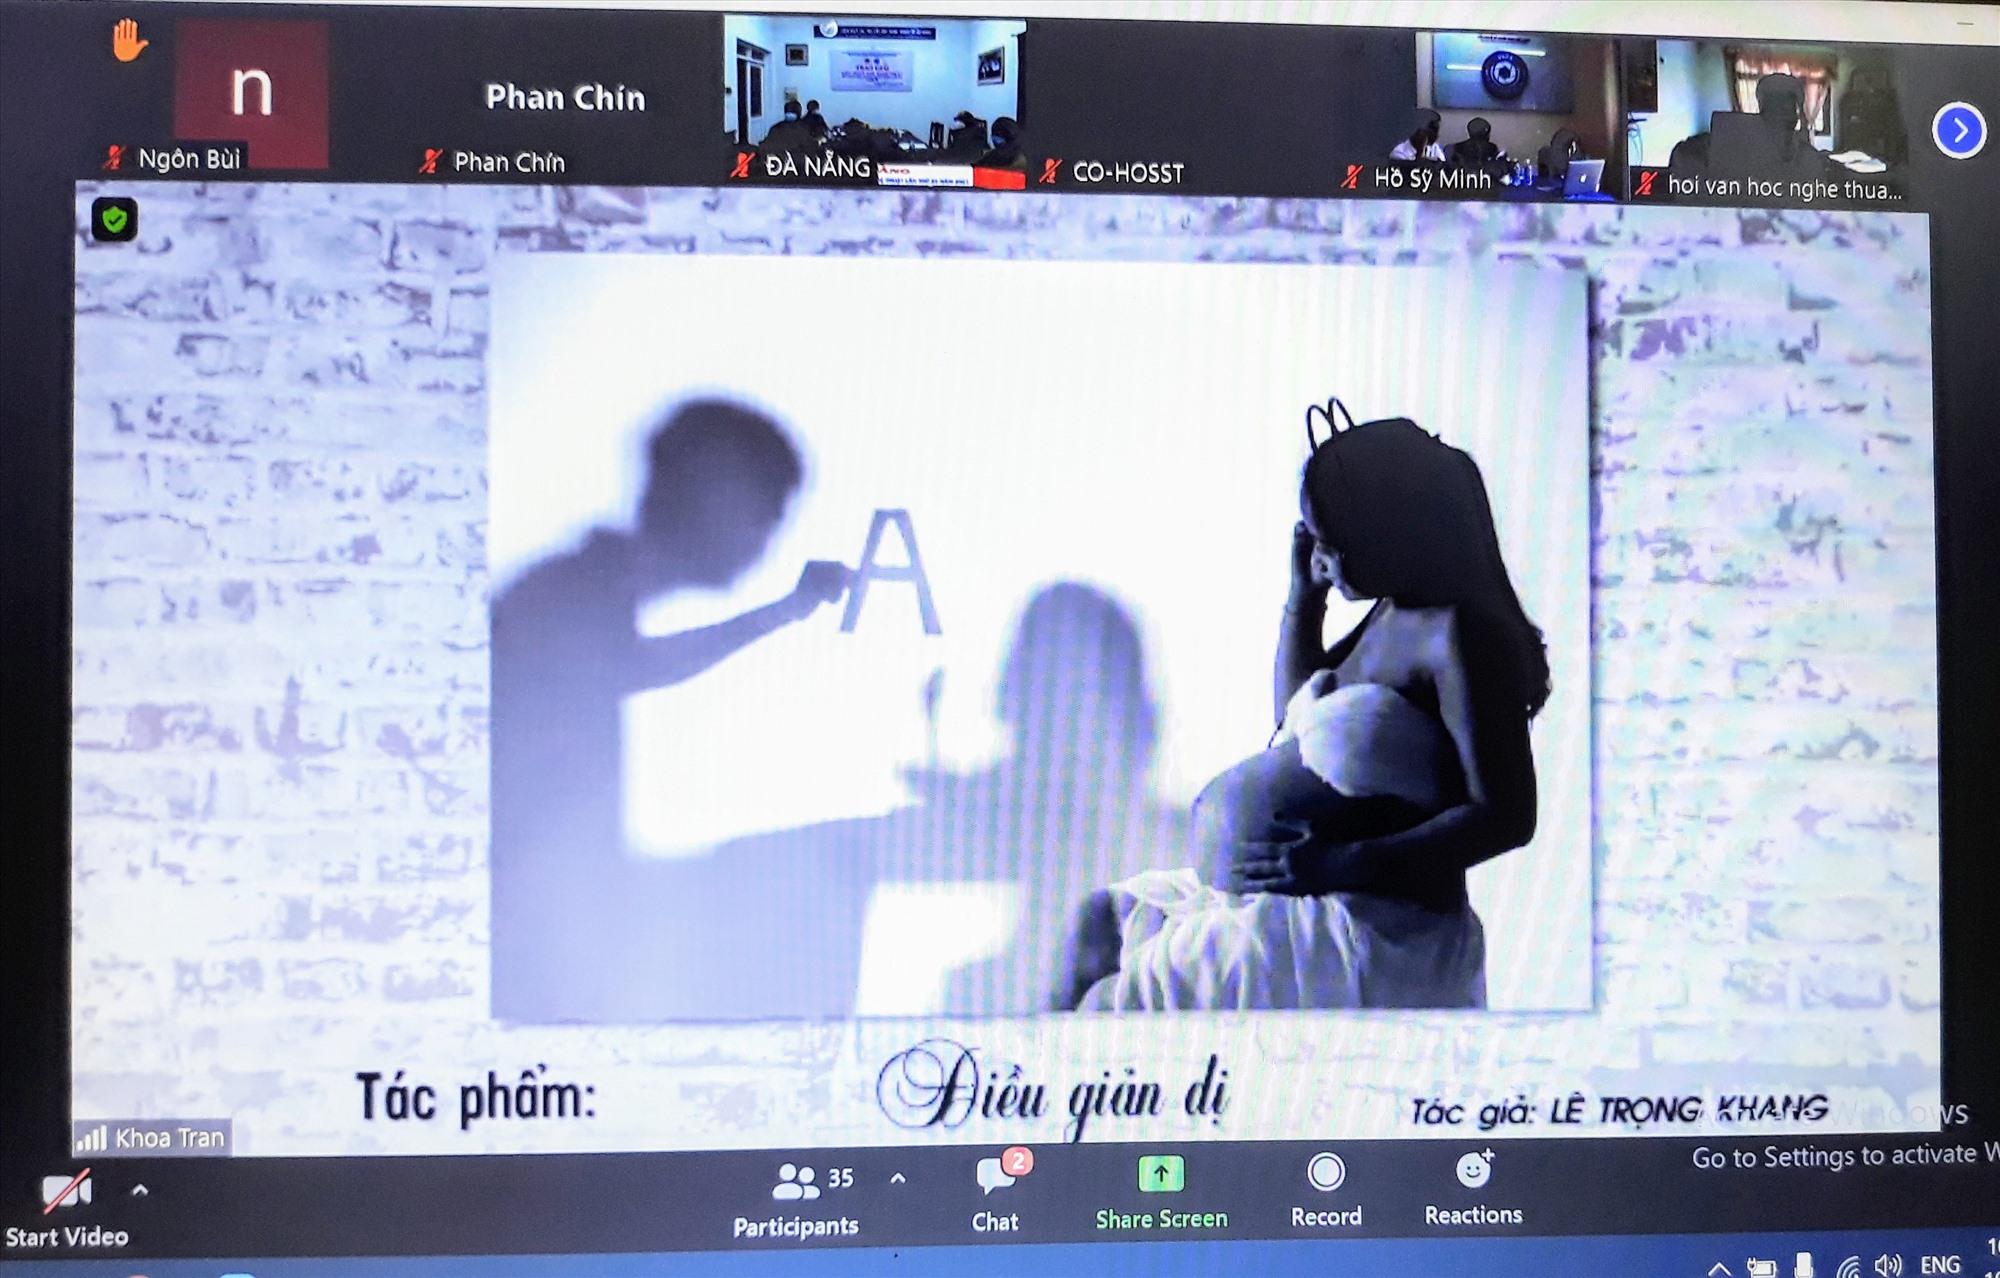 """Tác phẩm """"Điều giản dị"""" của tác giả Lê Trọng Khang (Quảng Nam) được vinh danh (ảnh chụp qua màn hình)."""